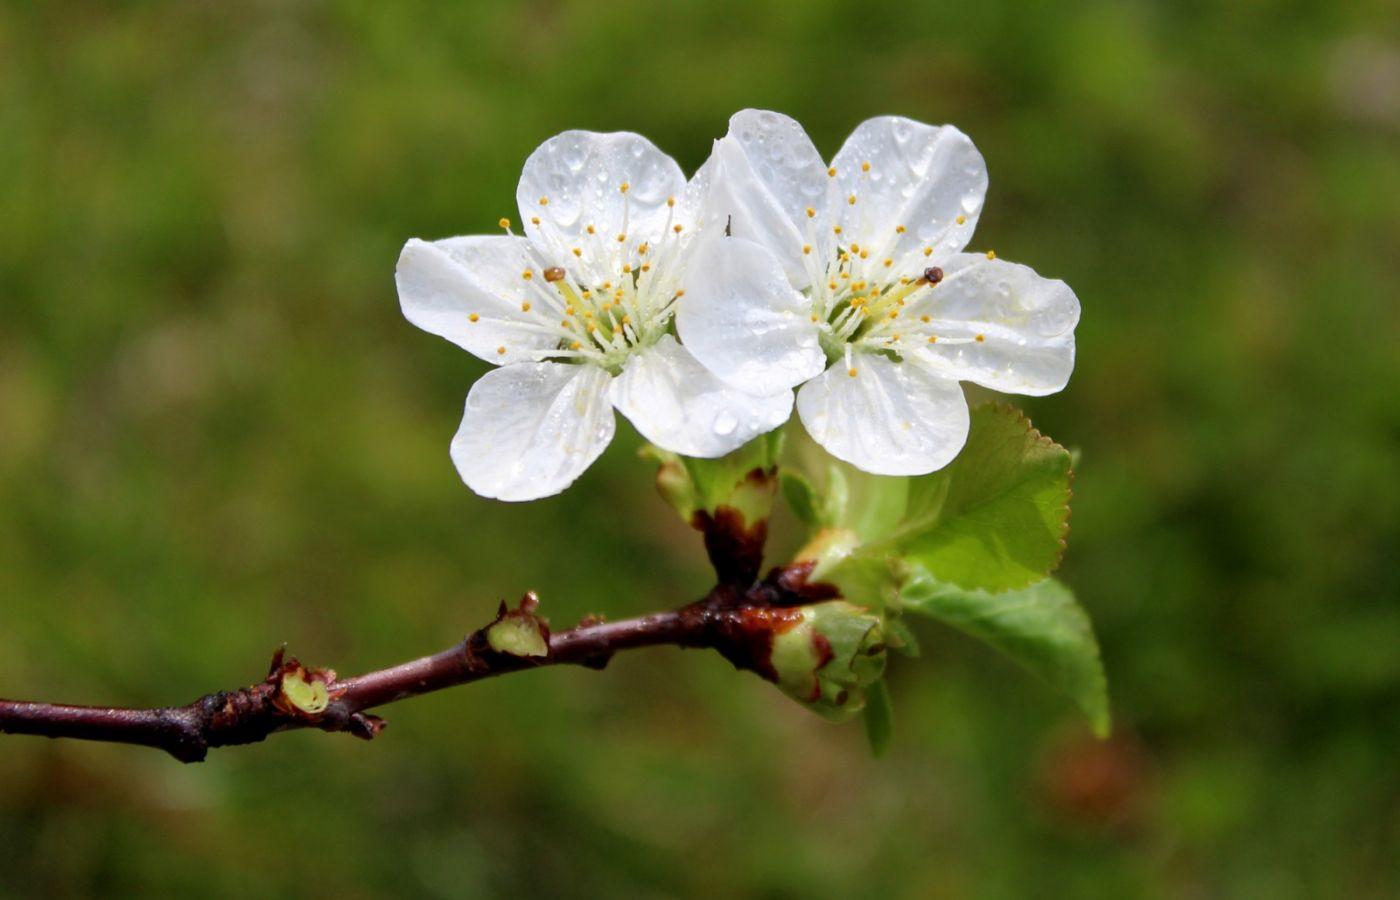 欧洲樱桃花开_图1-7